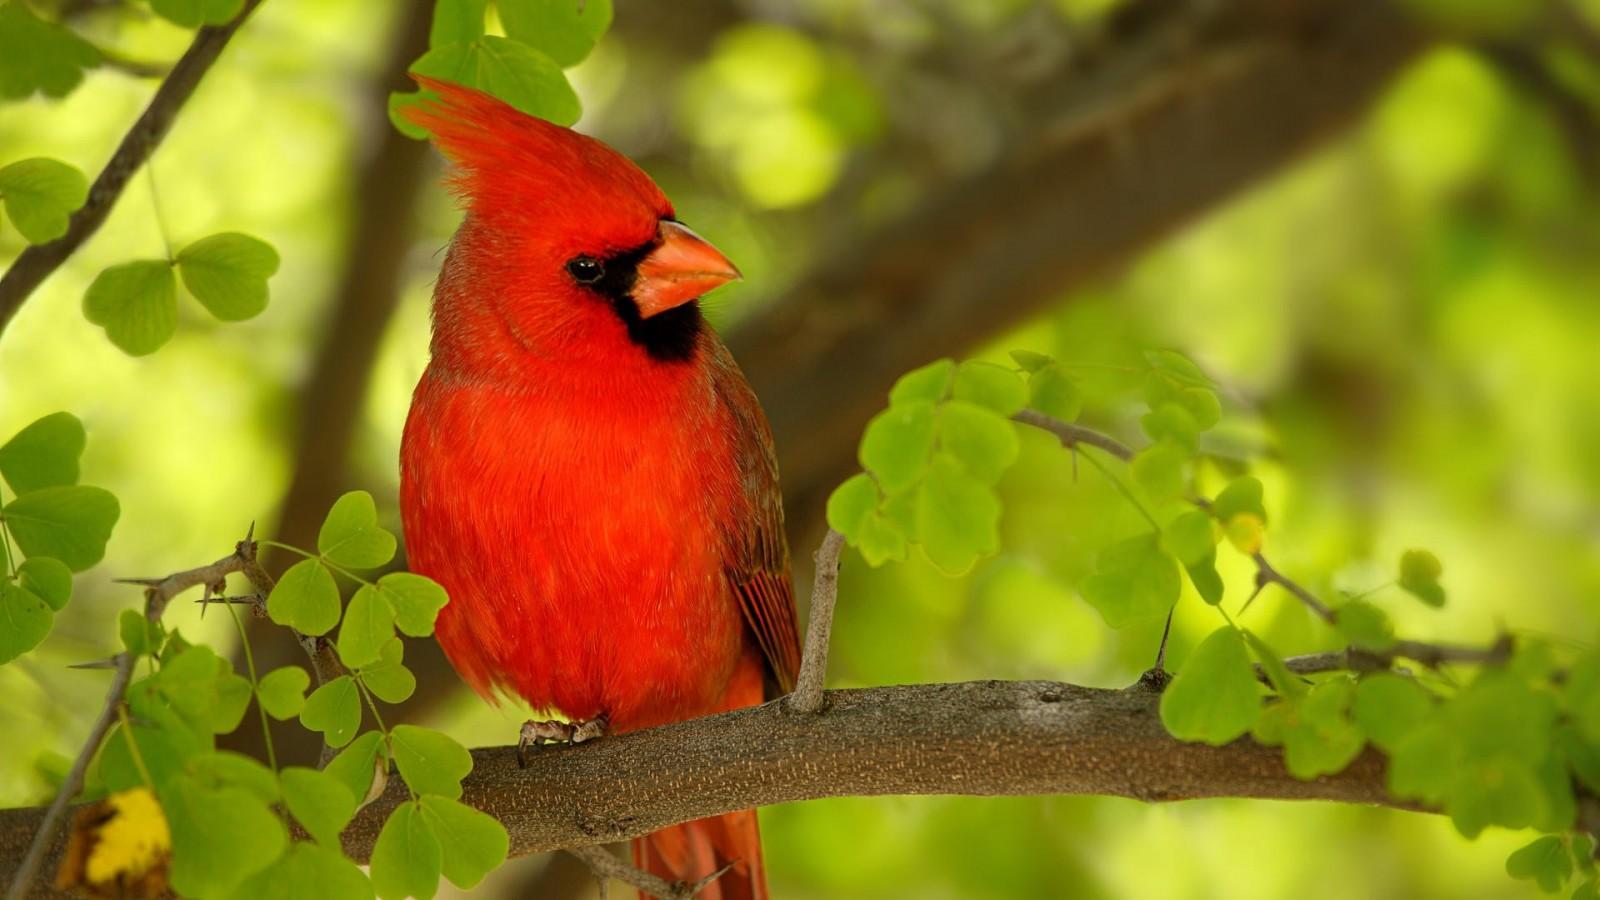 cardinal wallpapercardinal imagescardinal photocardinal picture 1600x900